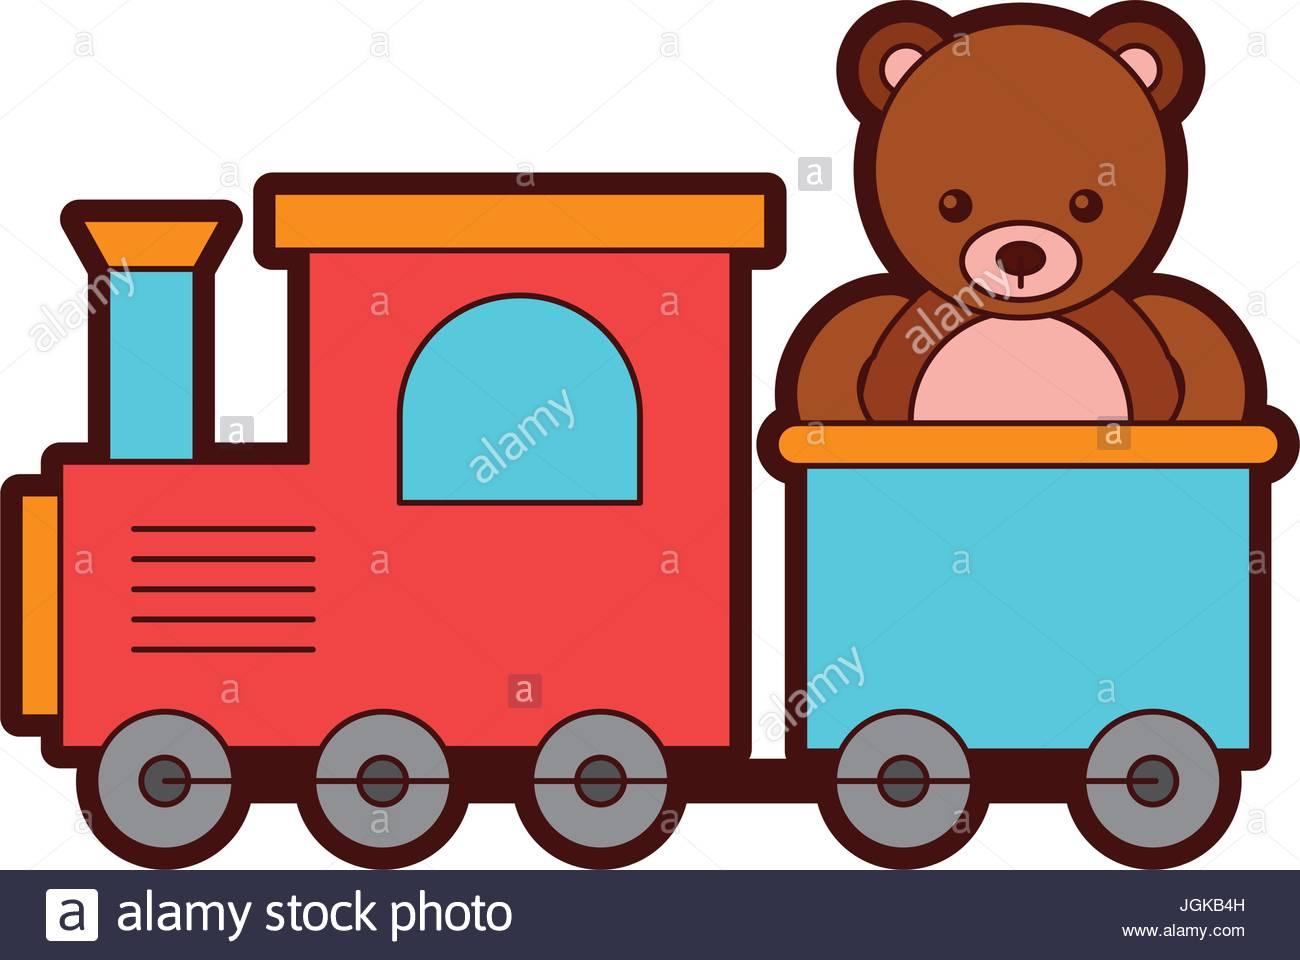 1300x960 Cute Bear Teddy With Train Vector Illustration Design Stock Vector